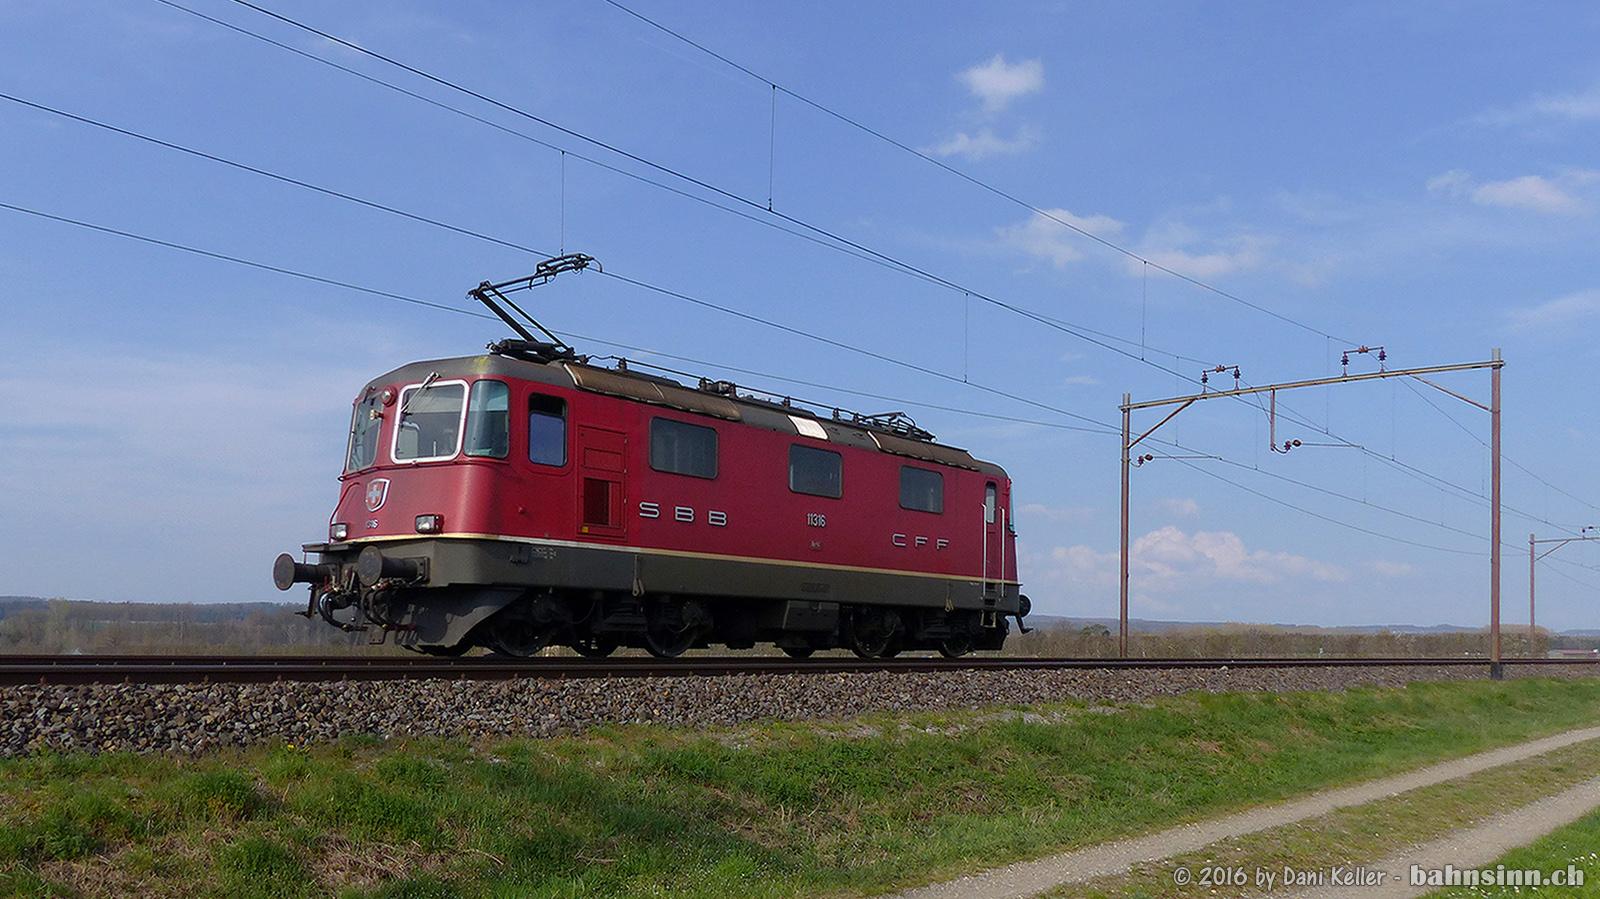 Die Re 420 11316 unterwegs Richtung Romanshorn. Aufgenommen am 5. April 2016 zwischen Hüttlingen-Mettendorf und Felben-Wellhausen.